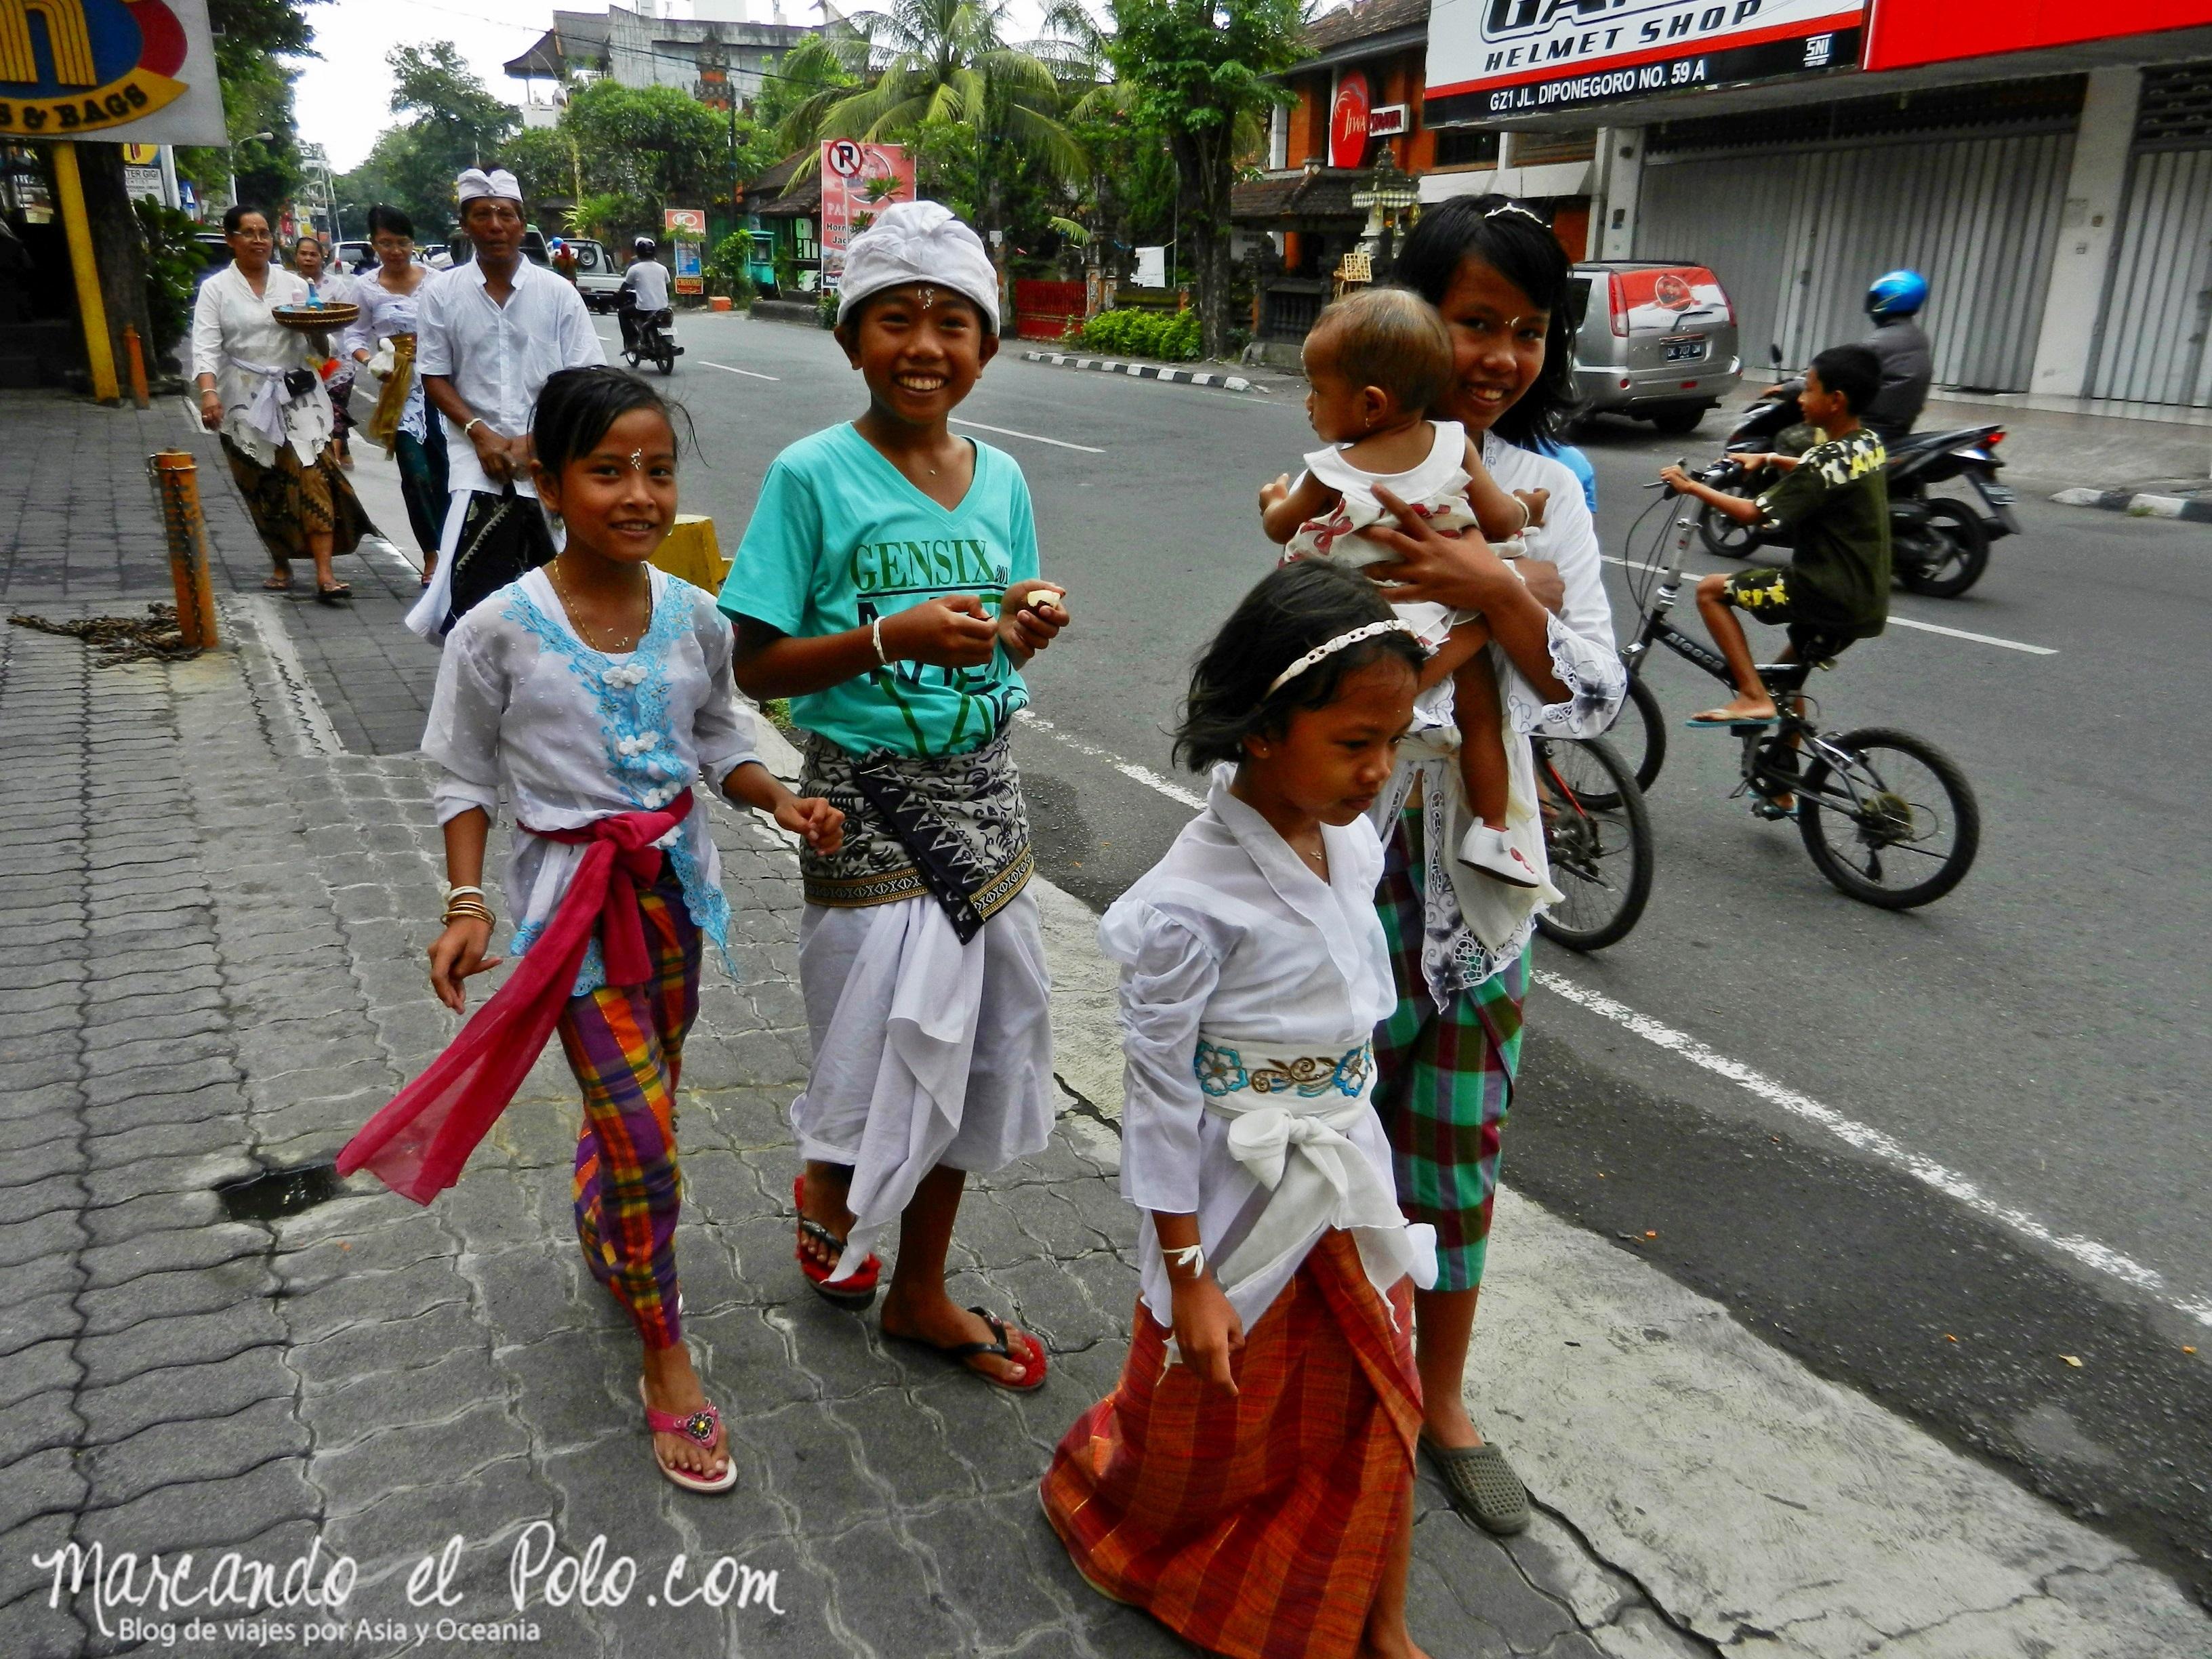 Chicos en Bali, Indonesia